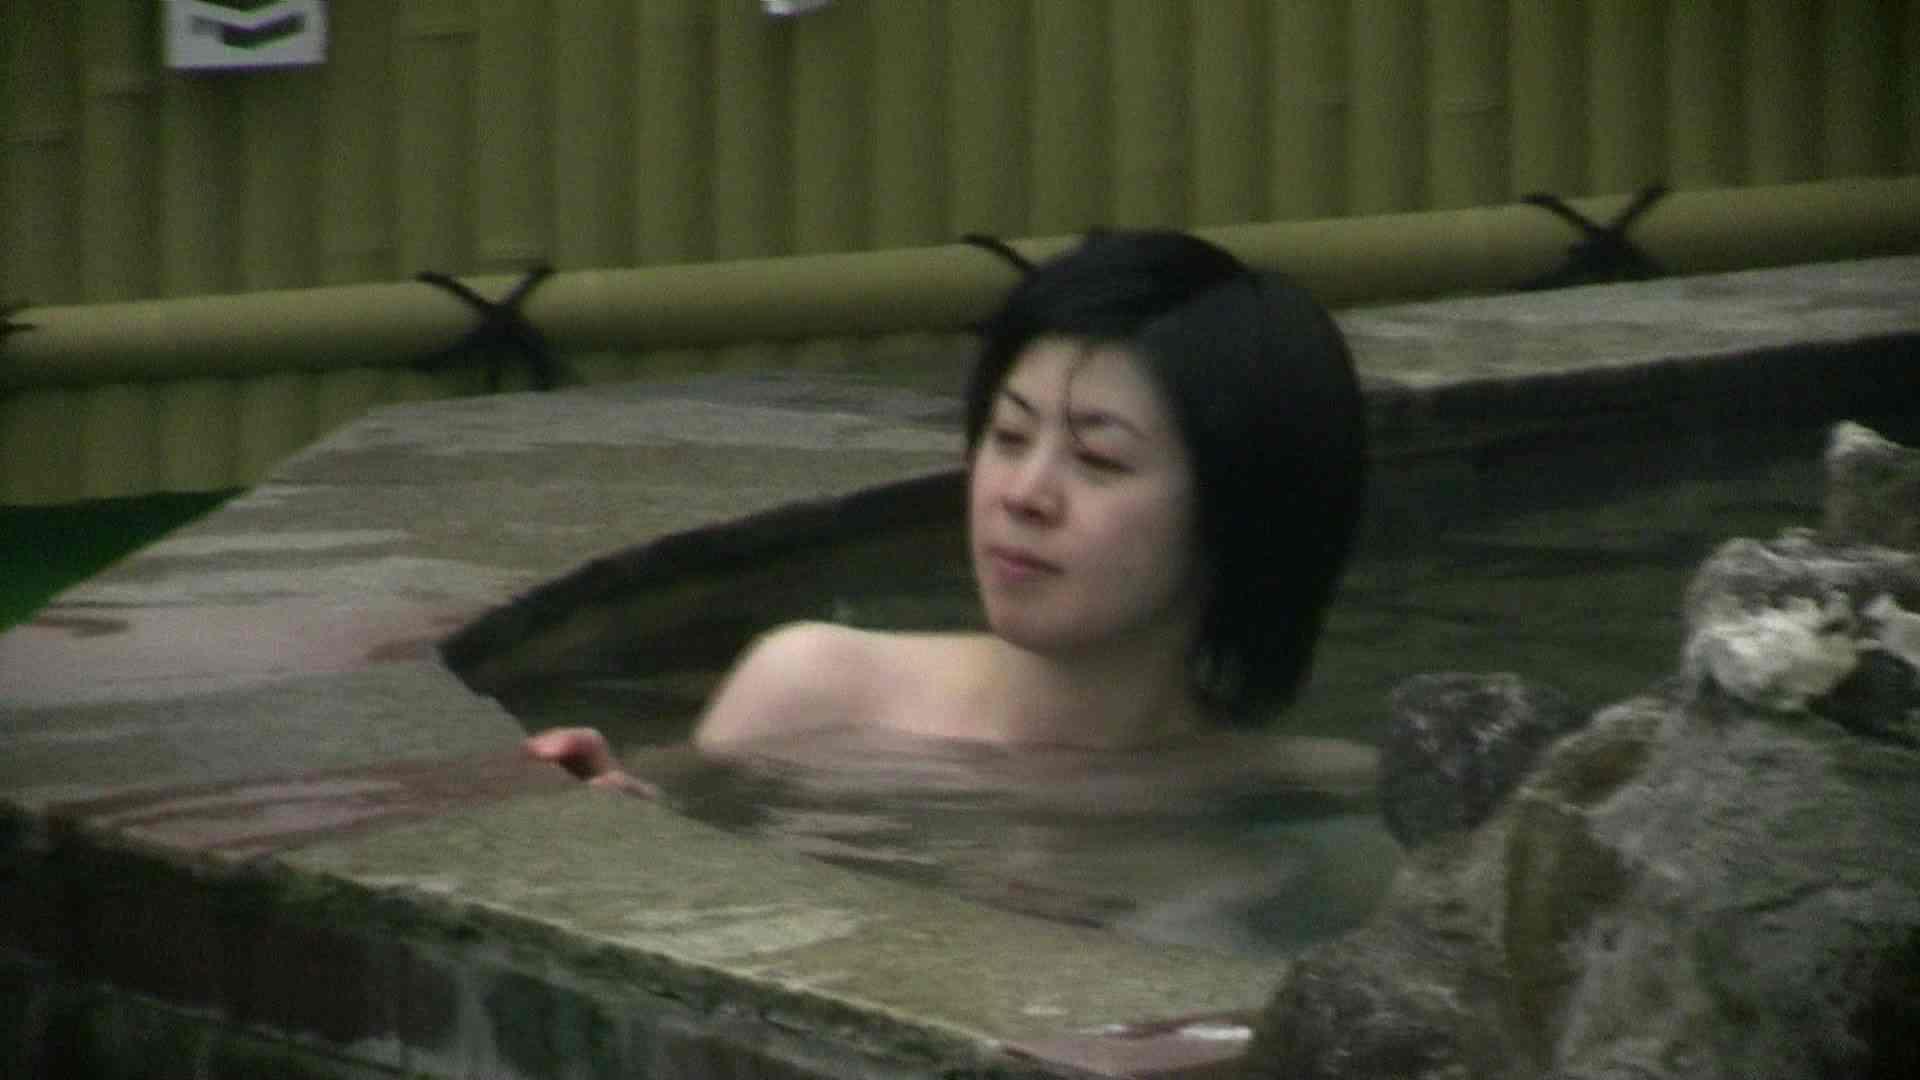 Aquaな露天風呂Vol.685 0   0  60pic 25